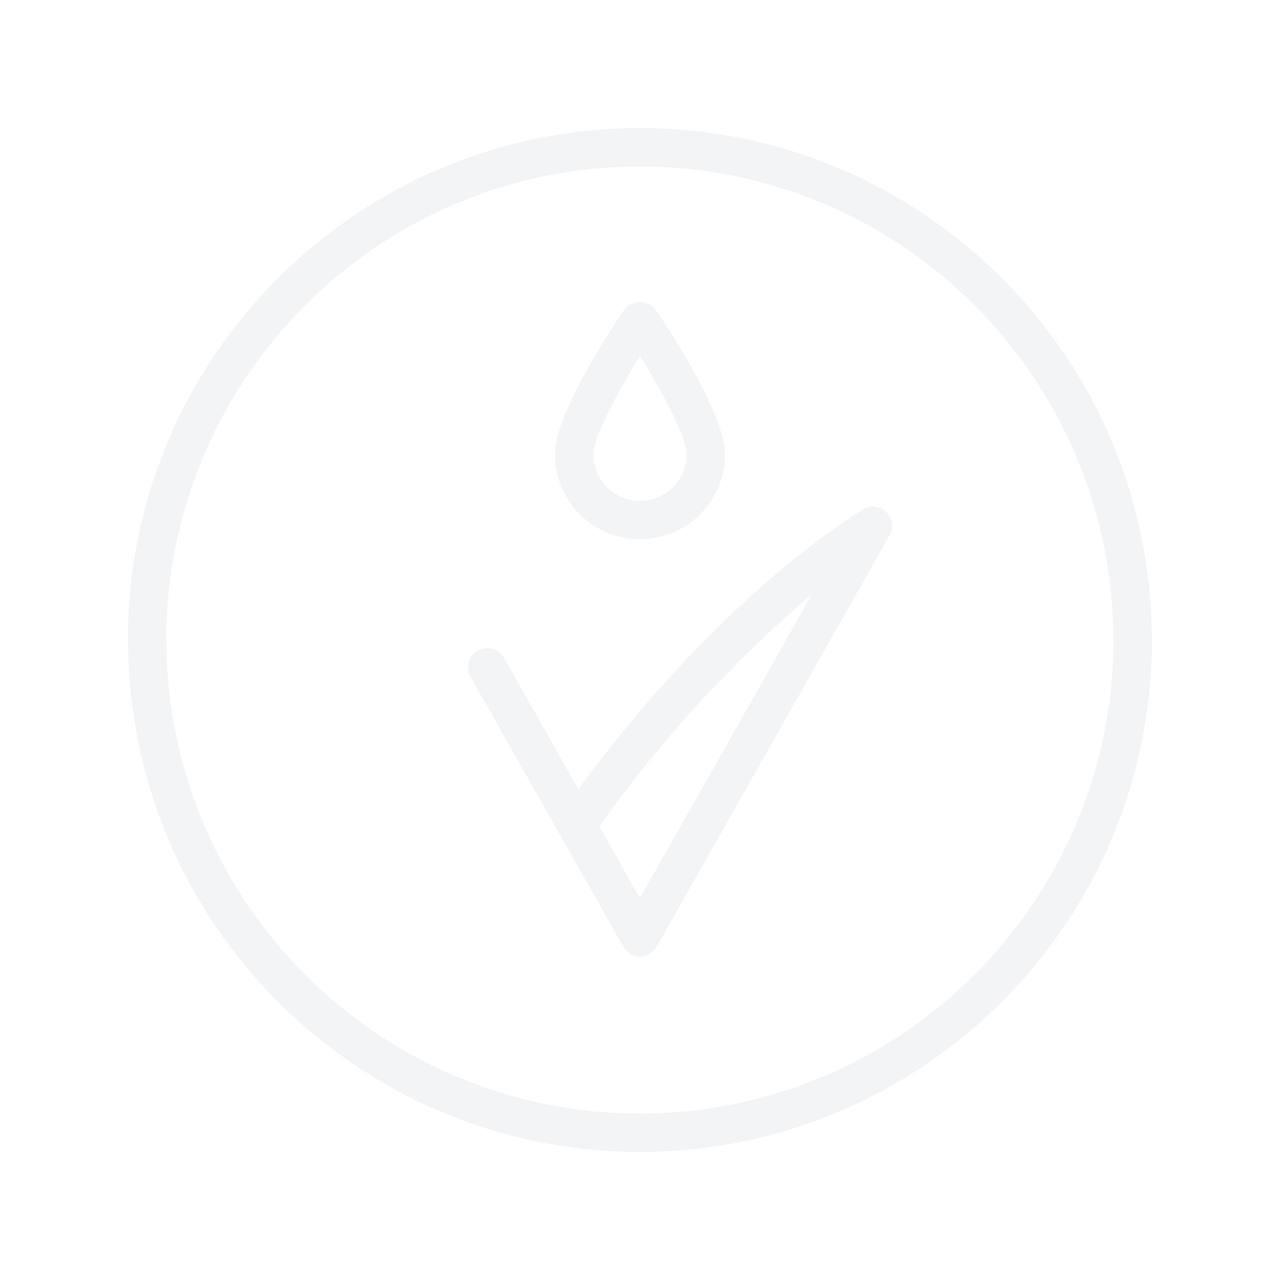 CUTRIN Ainoa Nutri Repair Shampoo 300ml очищающий шампунь